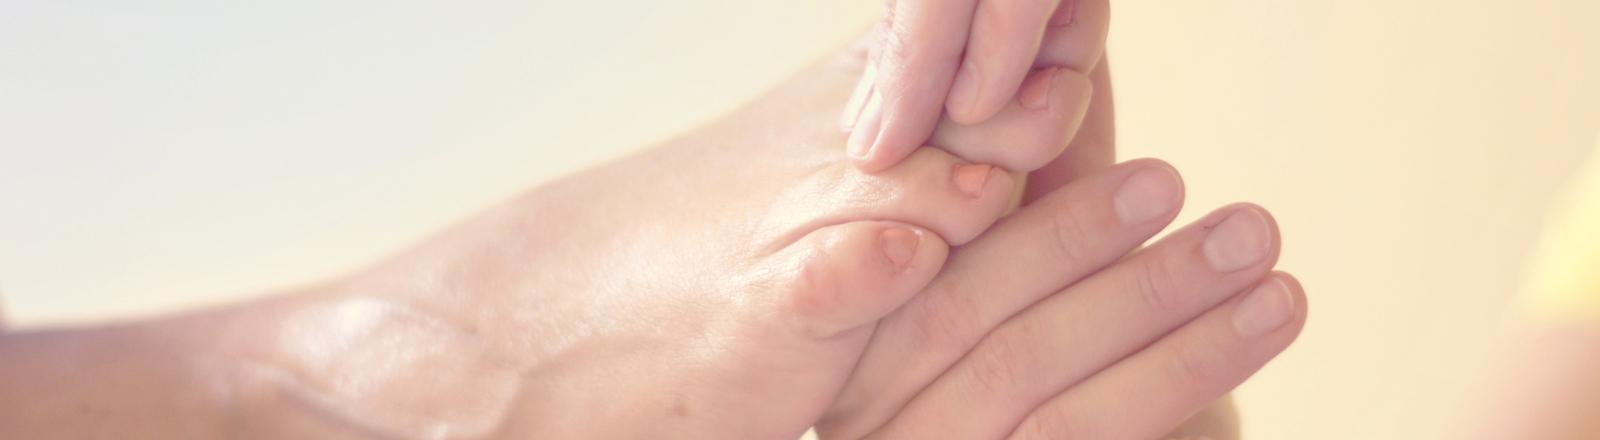 Zwei Hände massieren einen Fuß